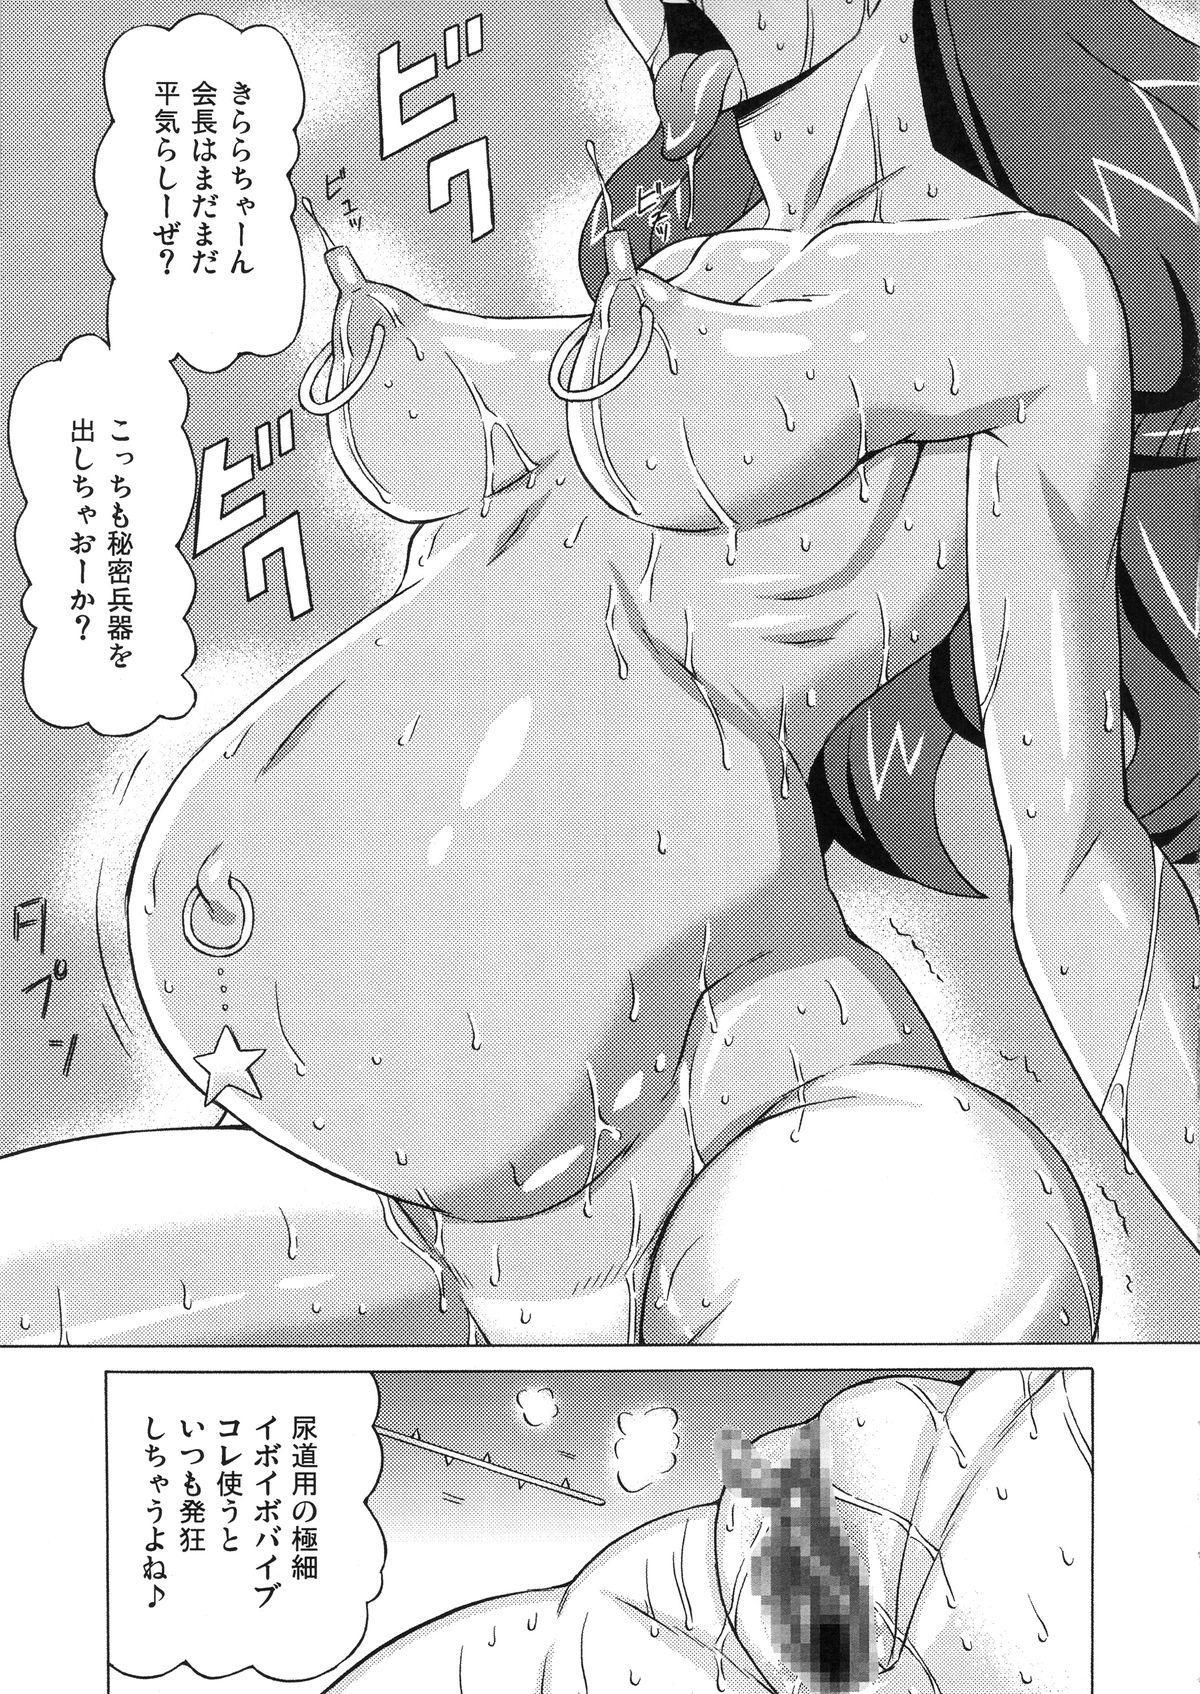 Kaidou Minami to Amanogawa Kirara ni Iroiro Shitemita. 61